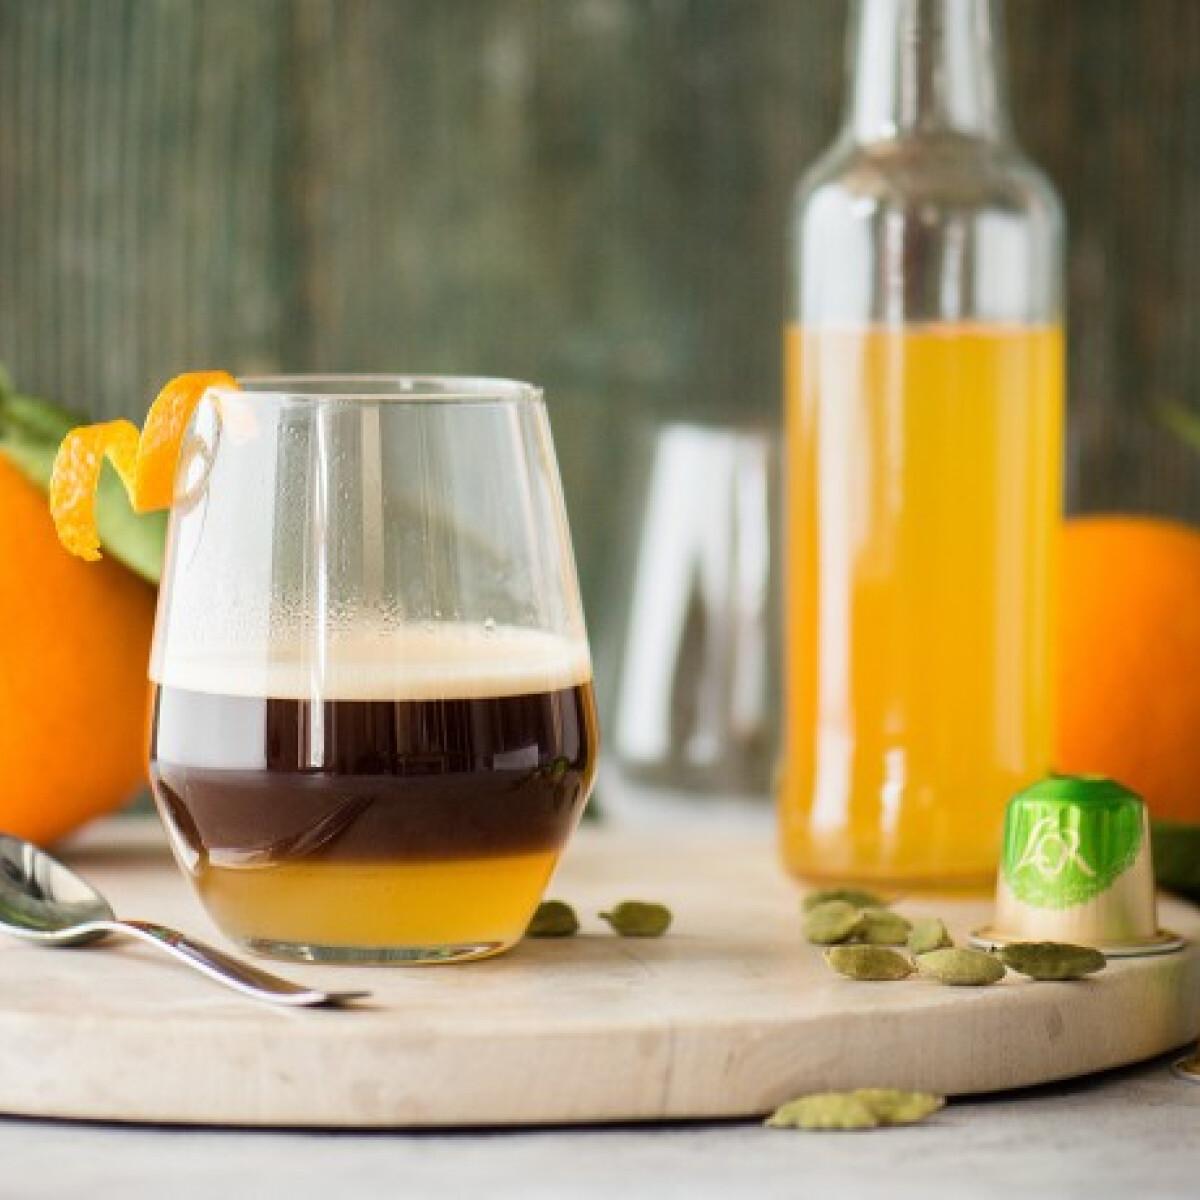 Ezen a képen: Fűszeres-narancsos kávékoktél